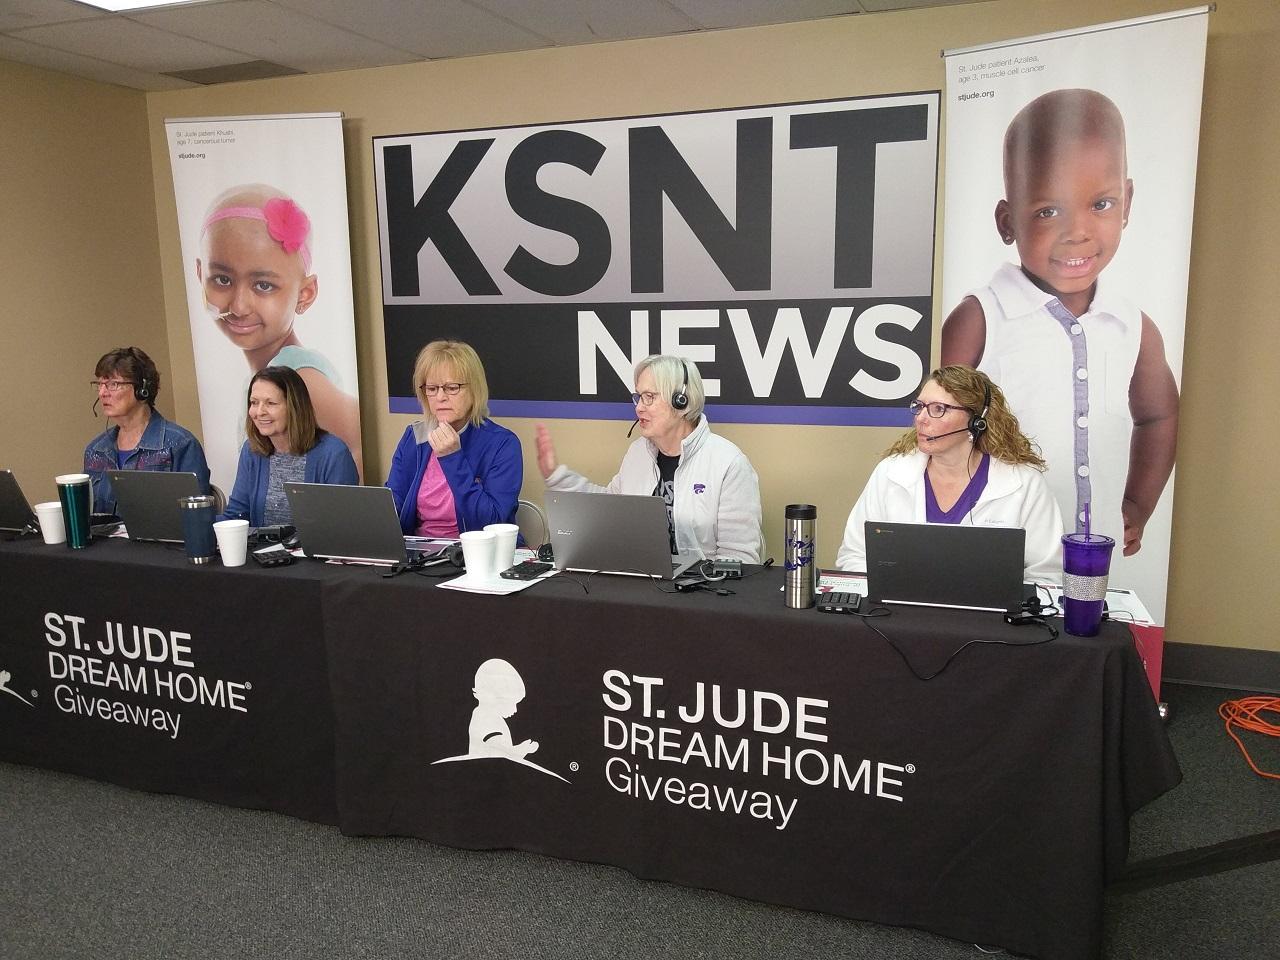 St. Jude Telethon at KSNT-TV